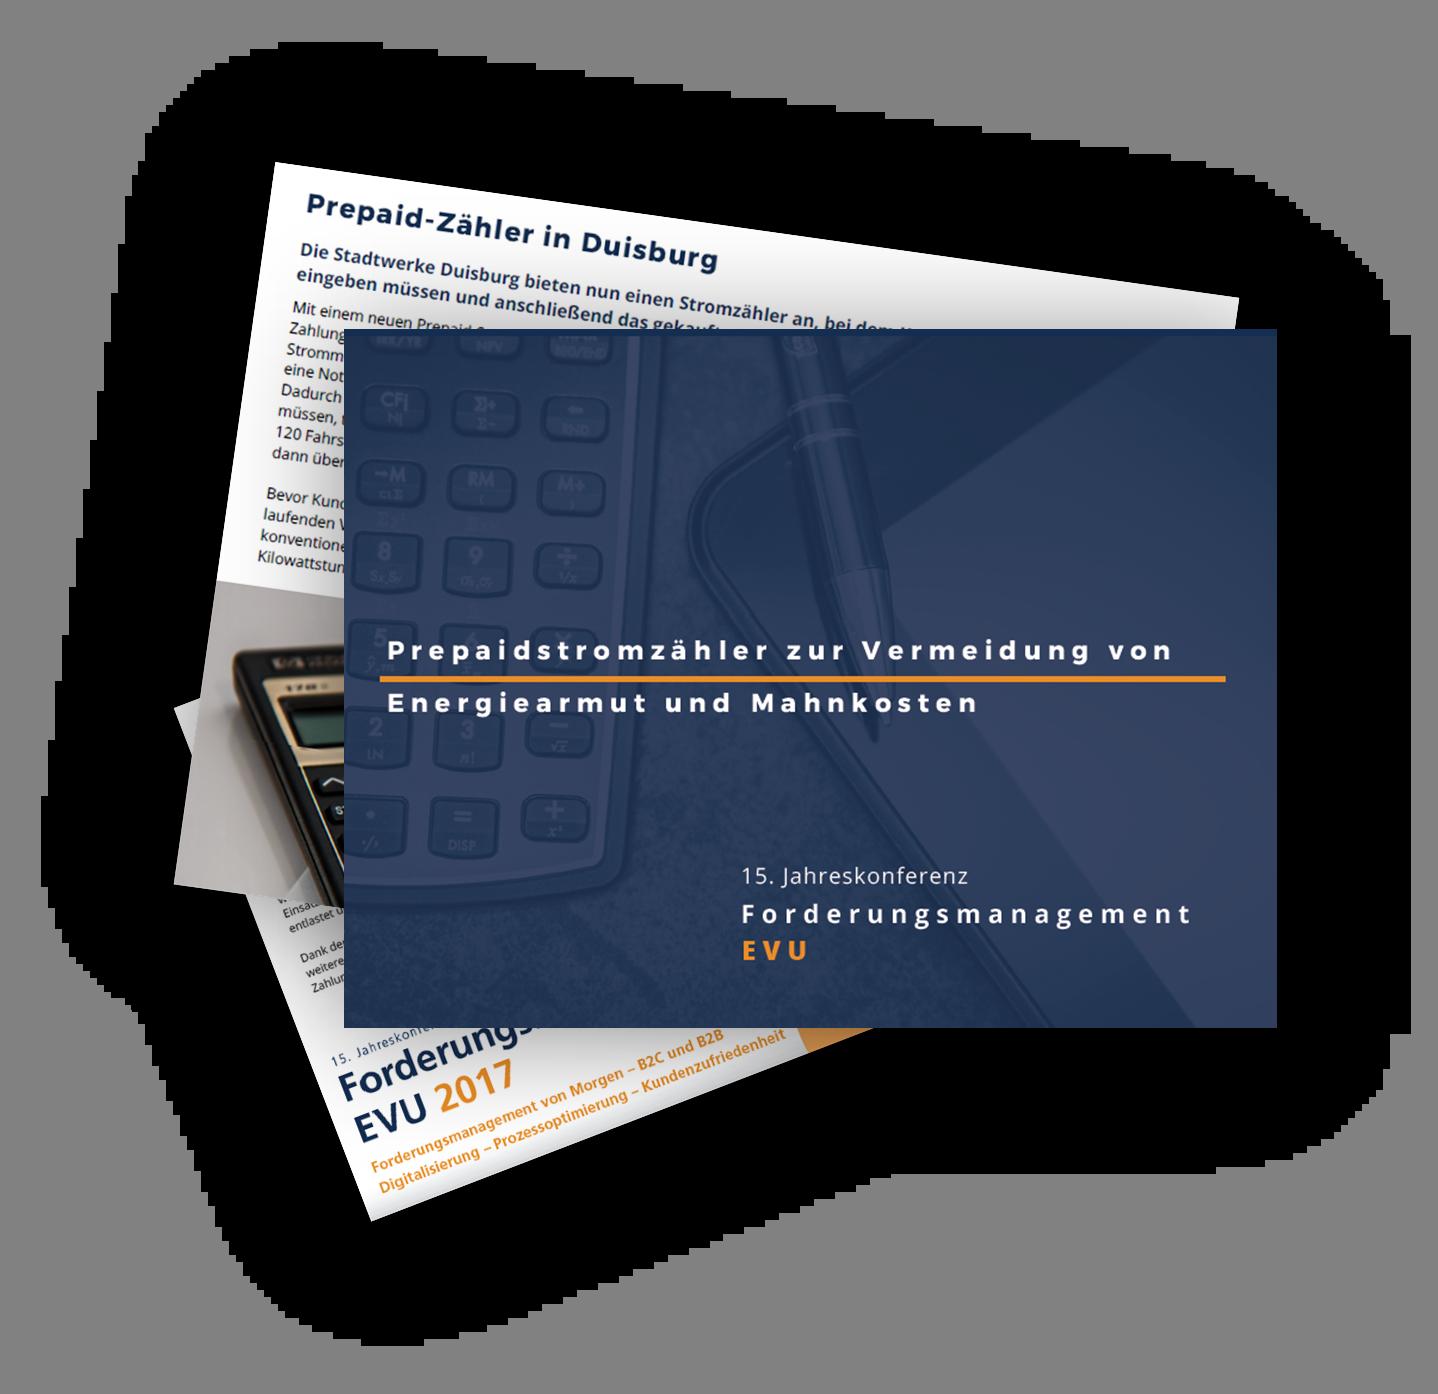 Prepaidstromzähler zur Vermeidung von Energiearmut und Mahnkosten